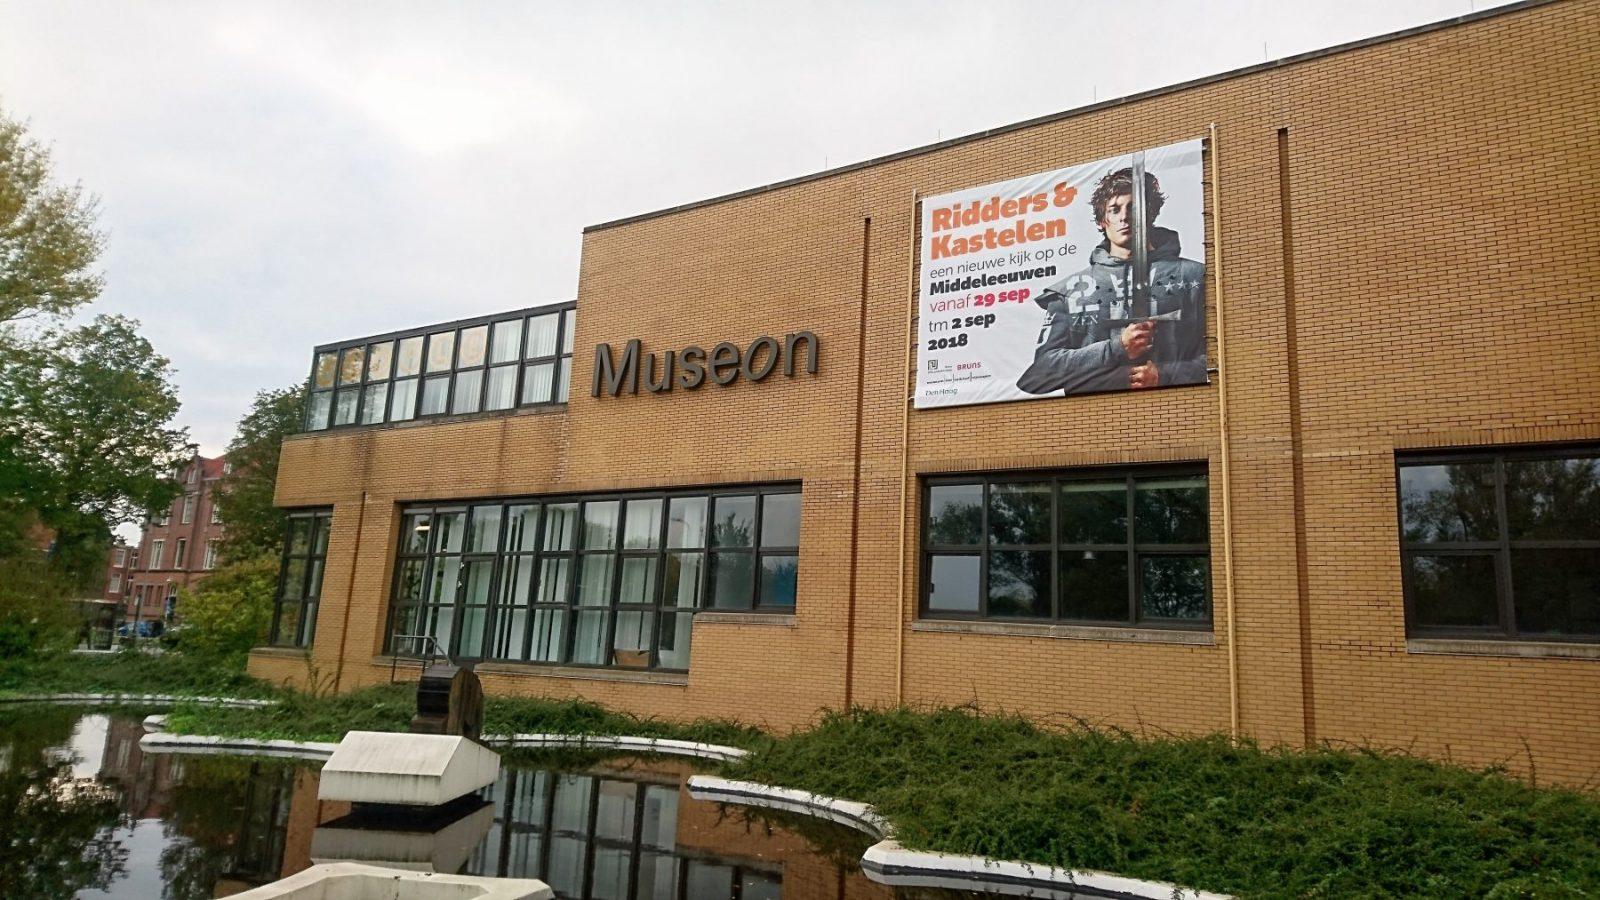 Museon Ridders en Kastelen